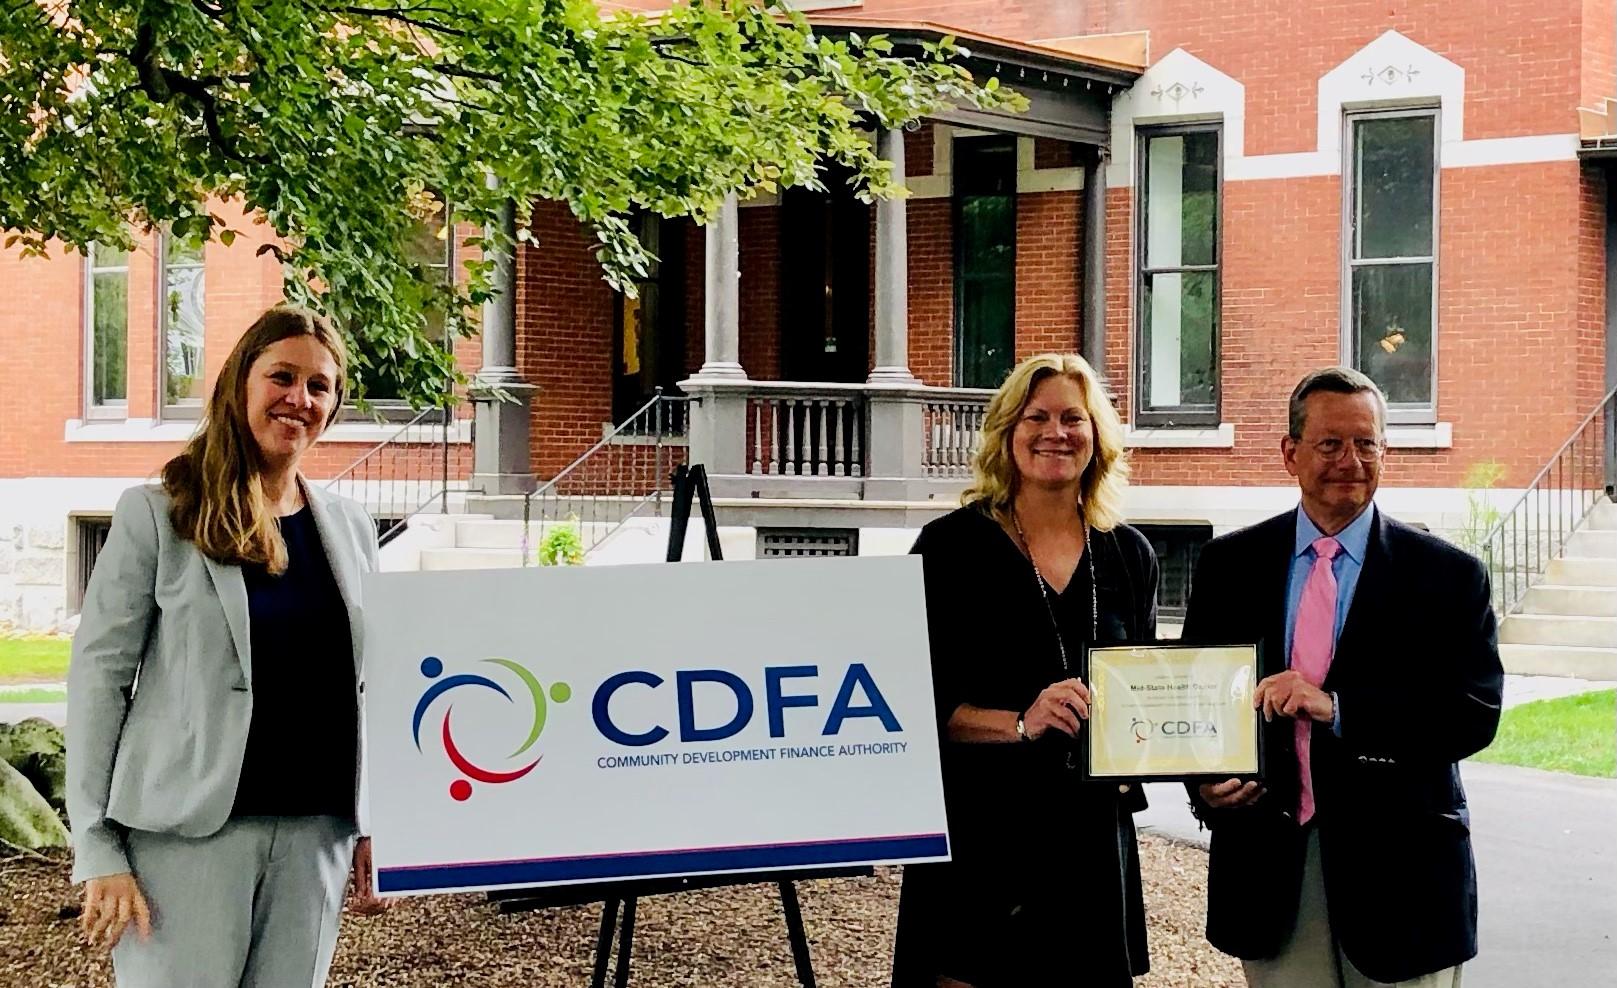 Audrey Goudie and Robert MacLeod accepting CDFA award